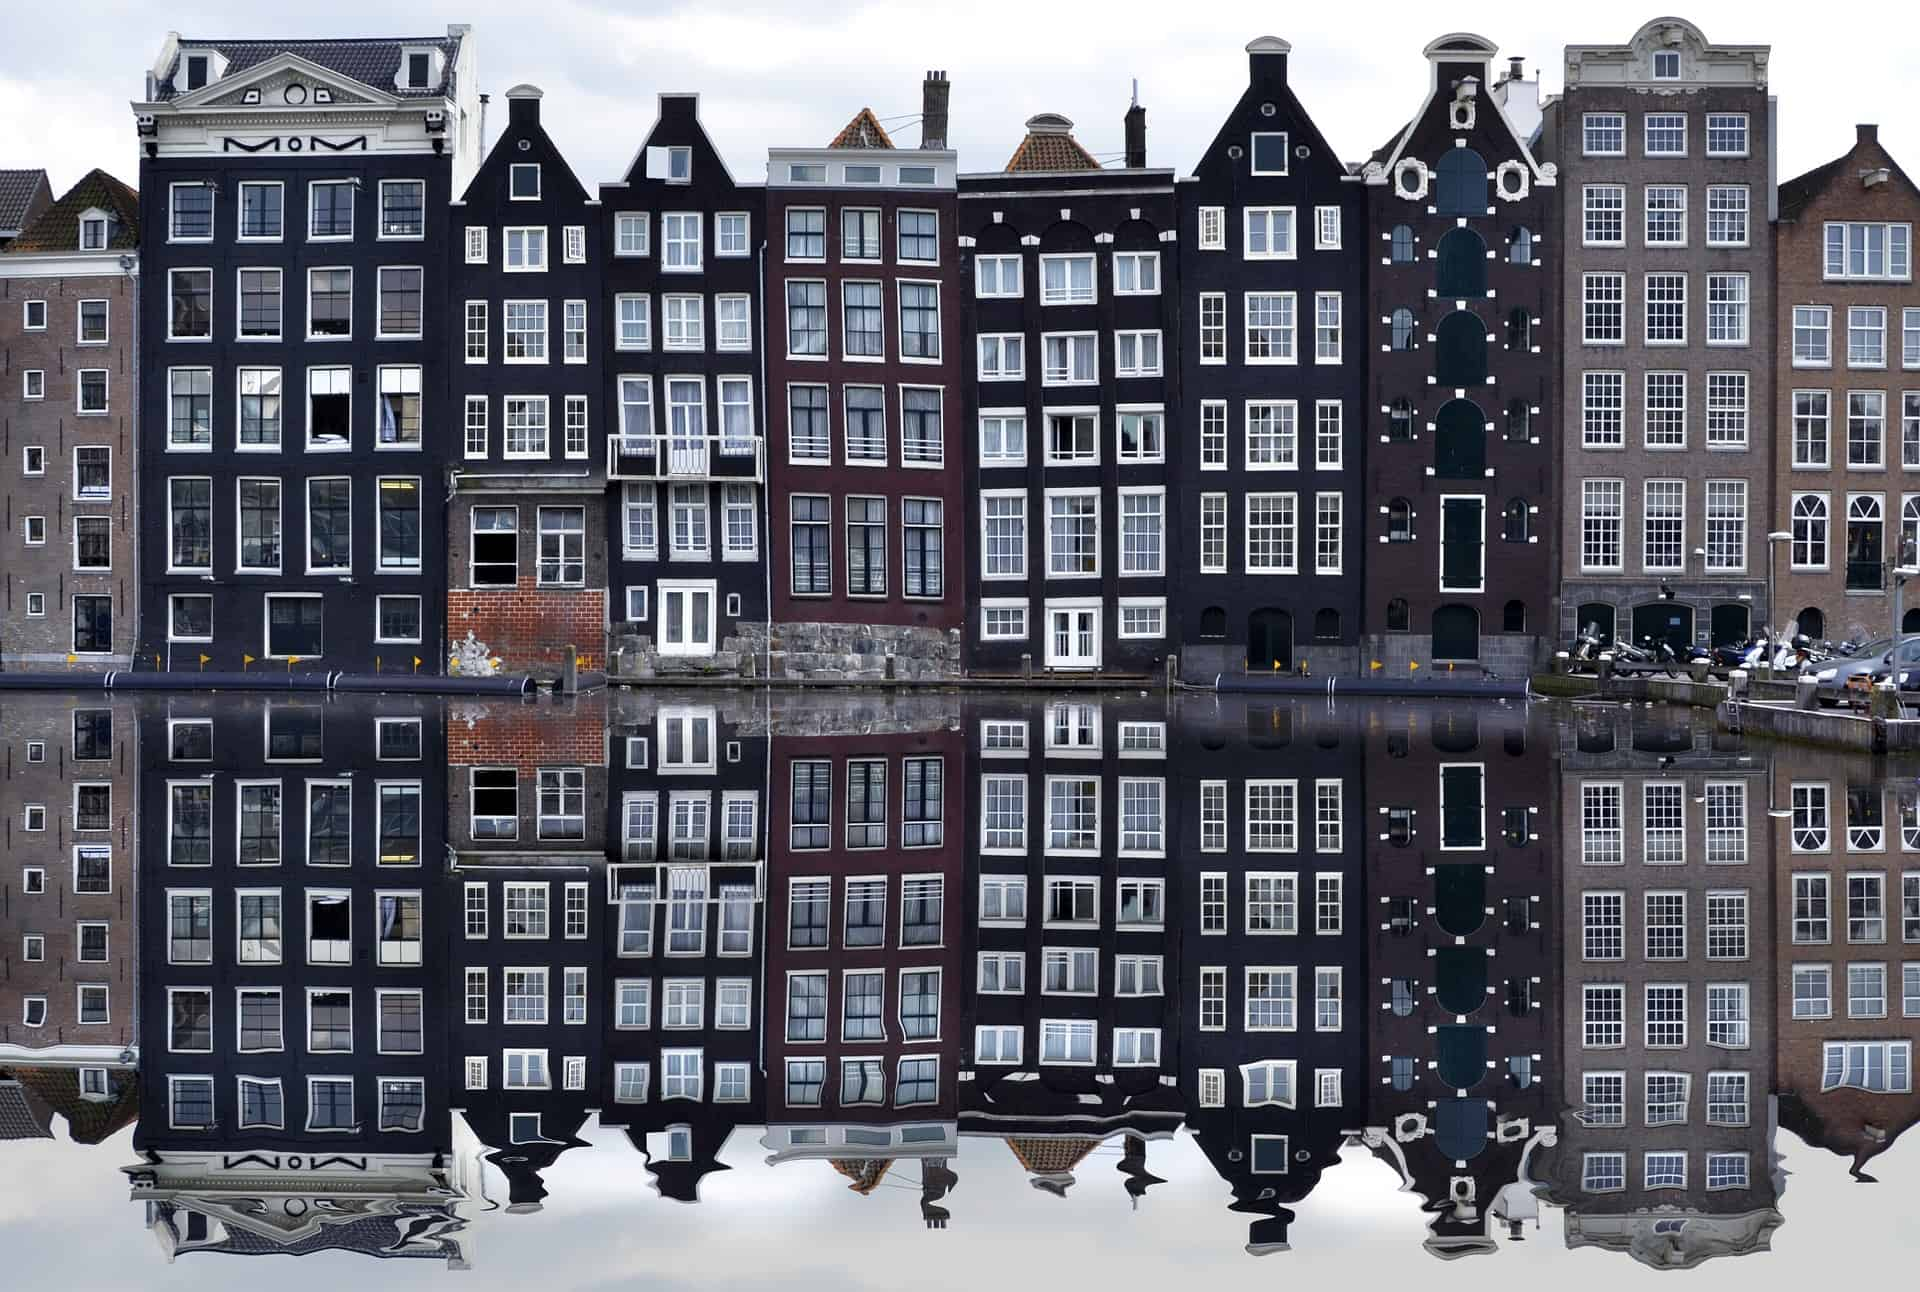 dinercruise-amsterdam-grachtenhuis-spiegeling